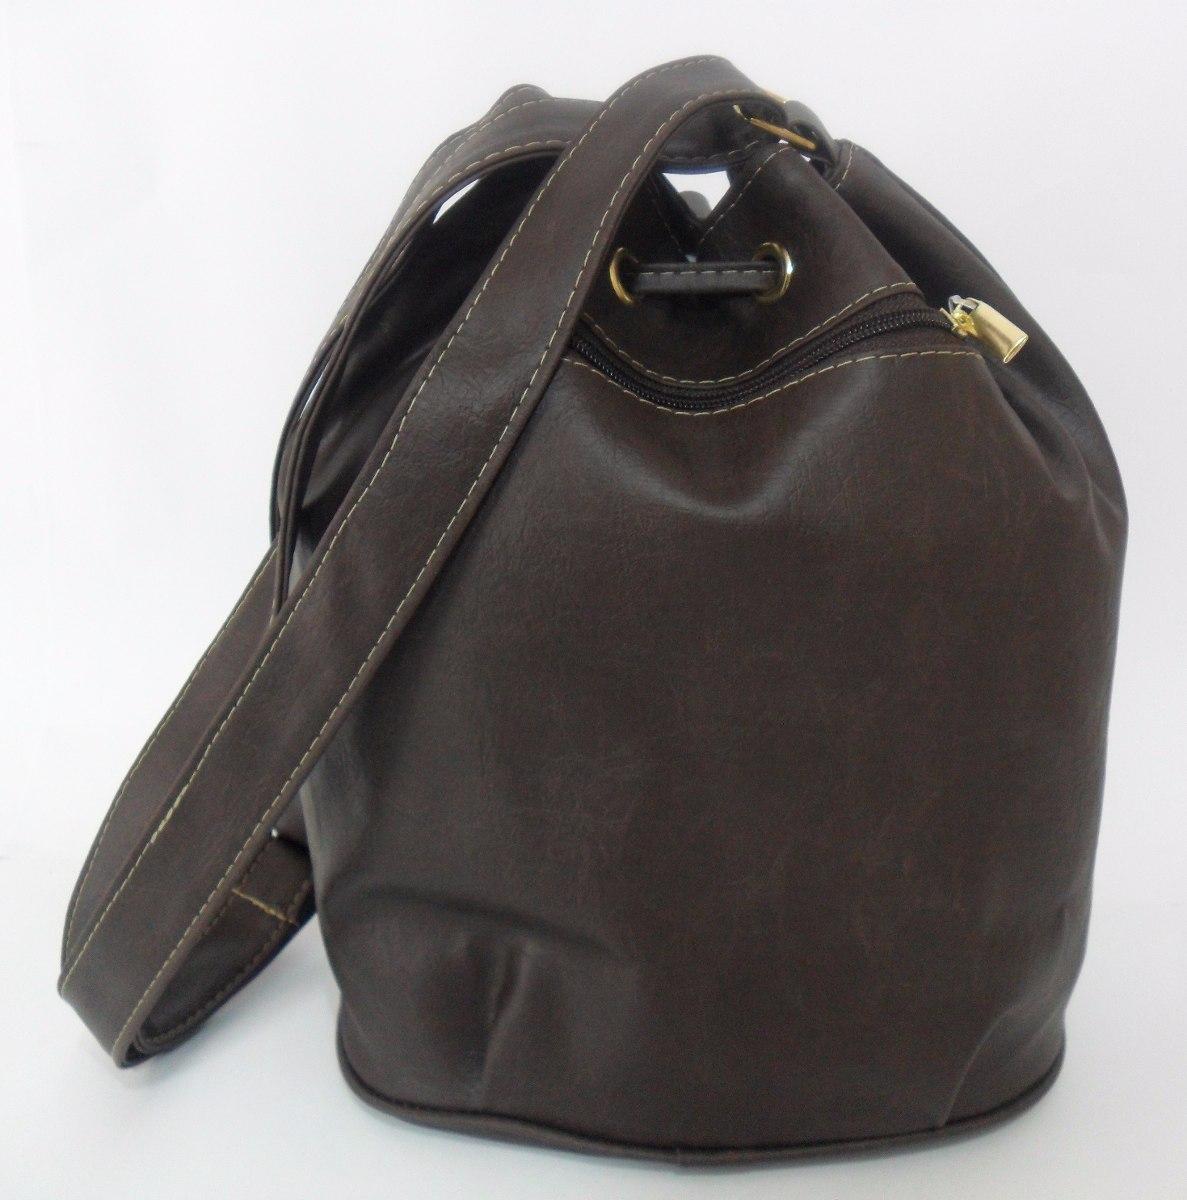 Bolsa De Couro Tipo Saco : Bolsa feminina tipo saco transversal tiracolo couro sint?t